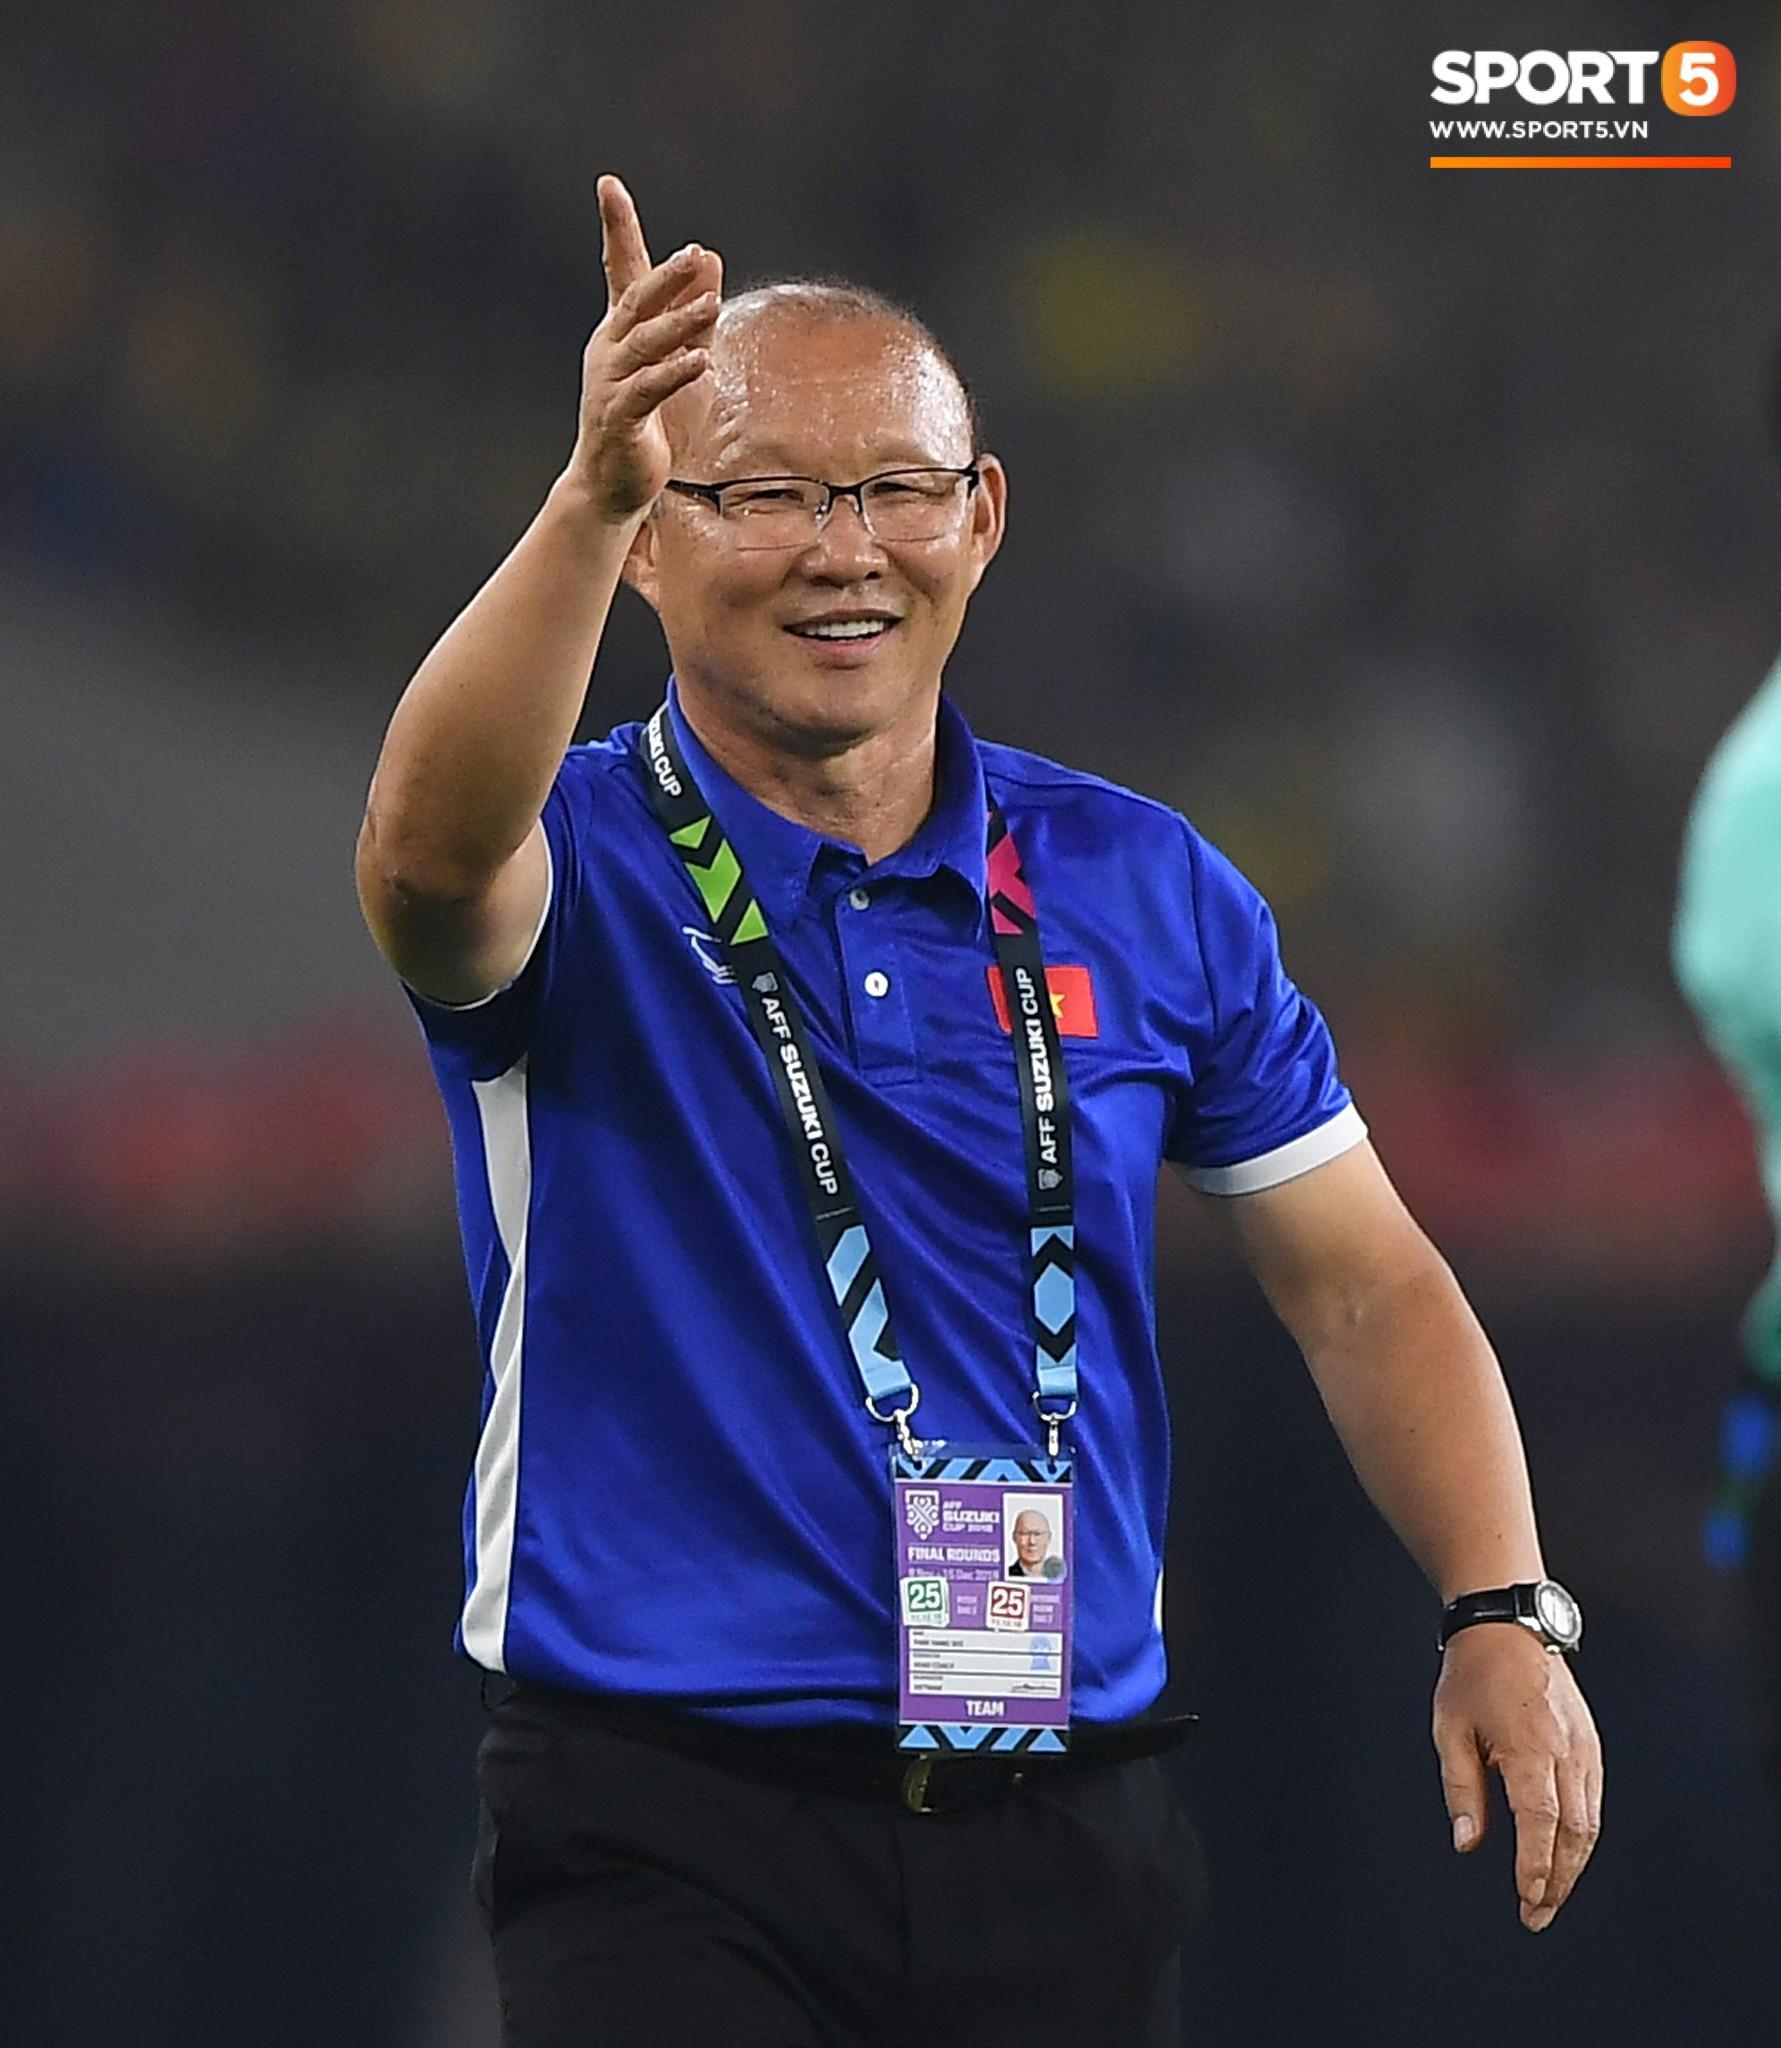 Có một người thầy dễ thương như HLV Park Hang-seo: Thương cầu thủ như con, lúc nào cũng thân thiện với fan-5